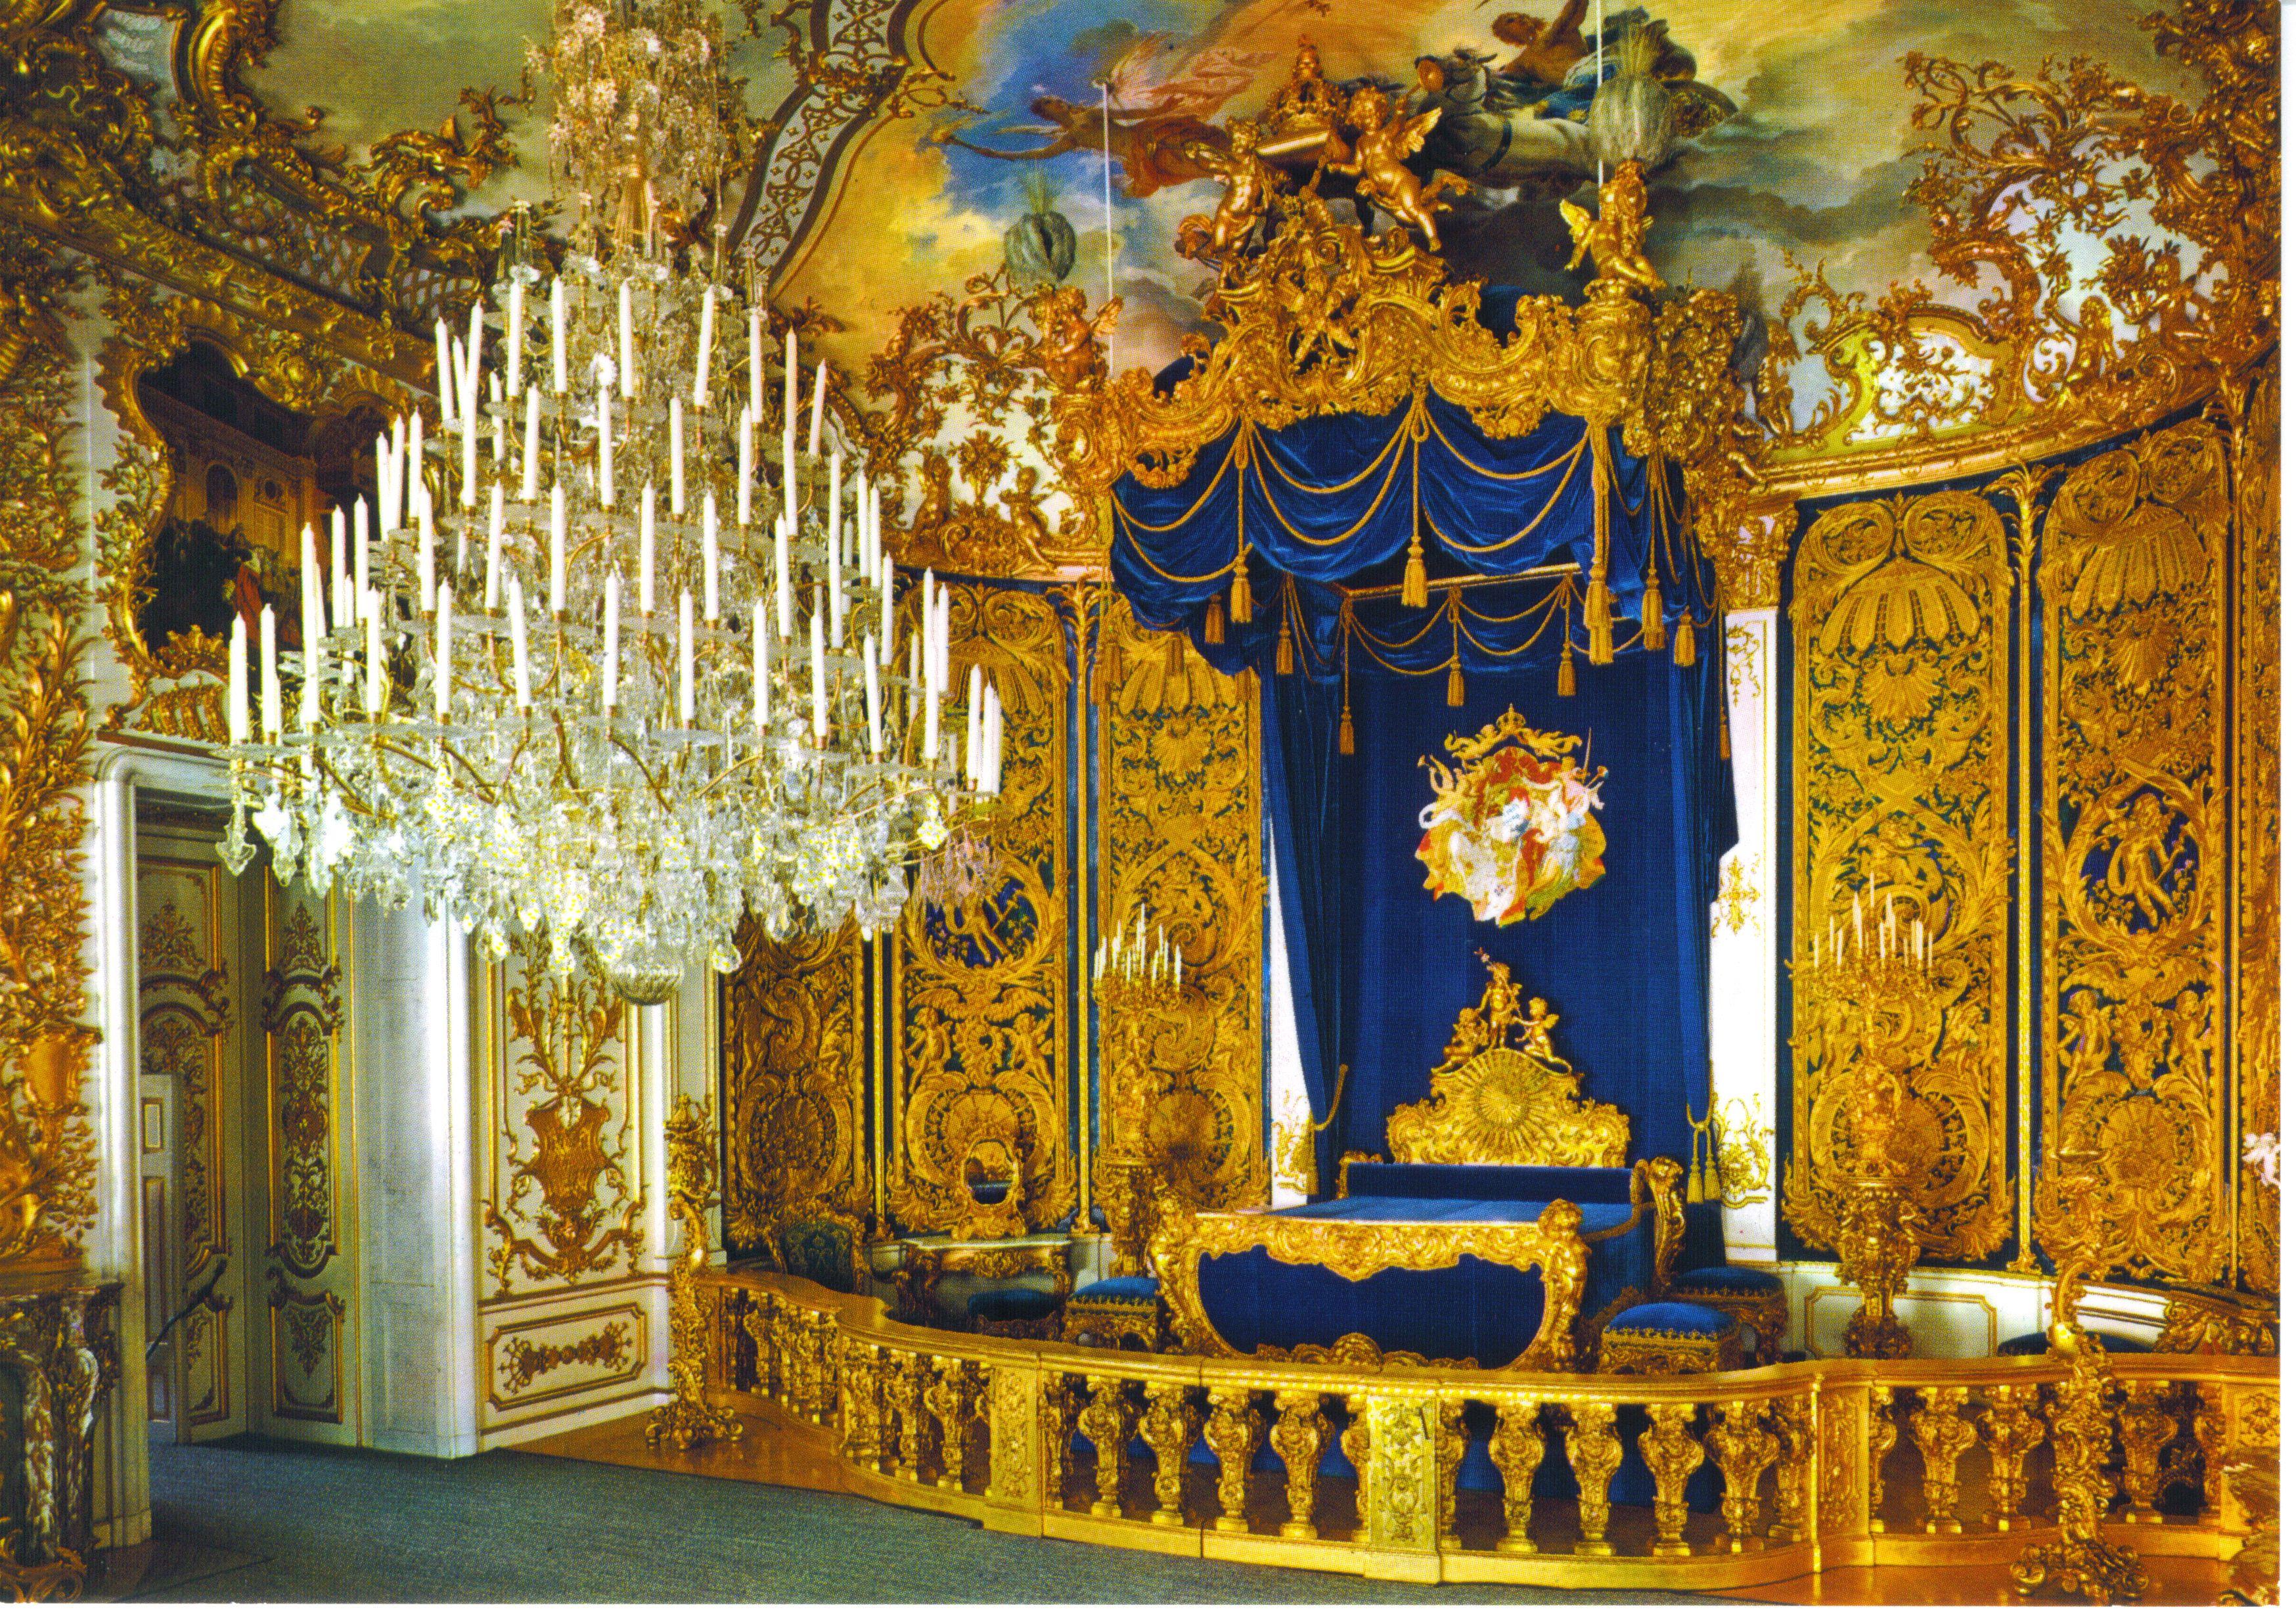 King Ludwigs Royal Castle Linderhof Bedroom Castles Interior Royal Castles Germany Castles